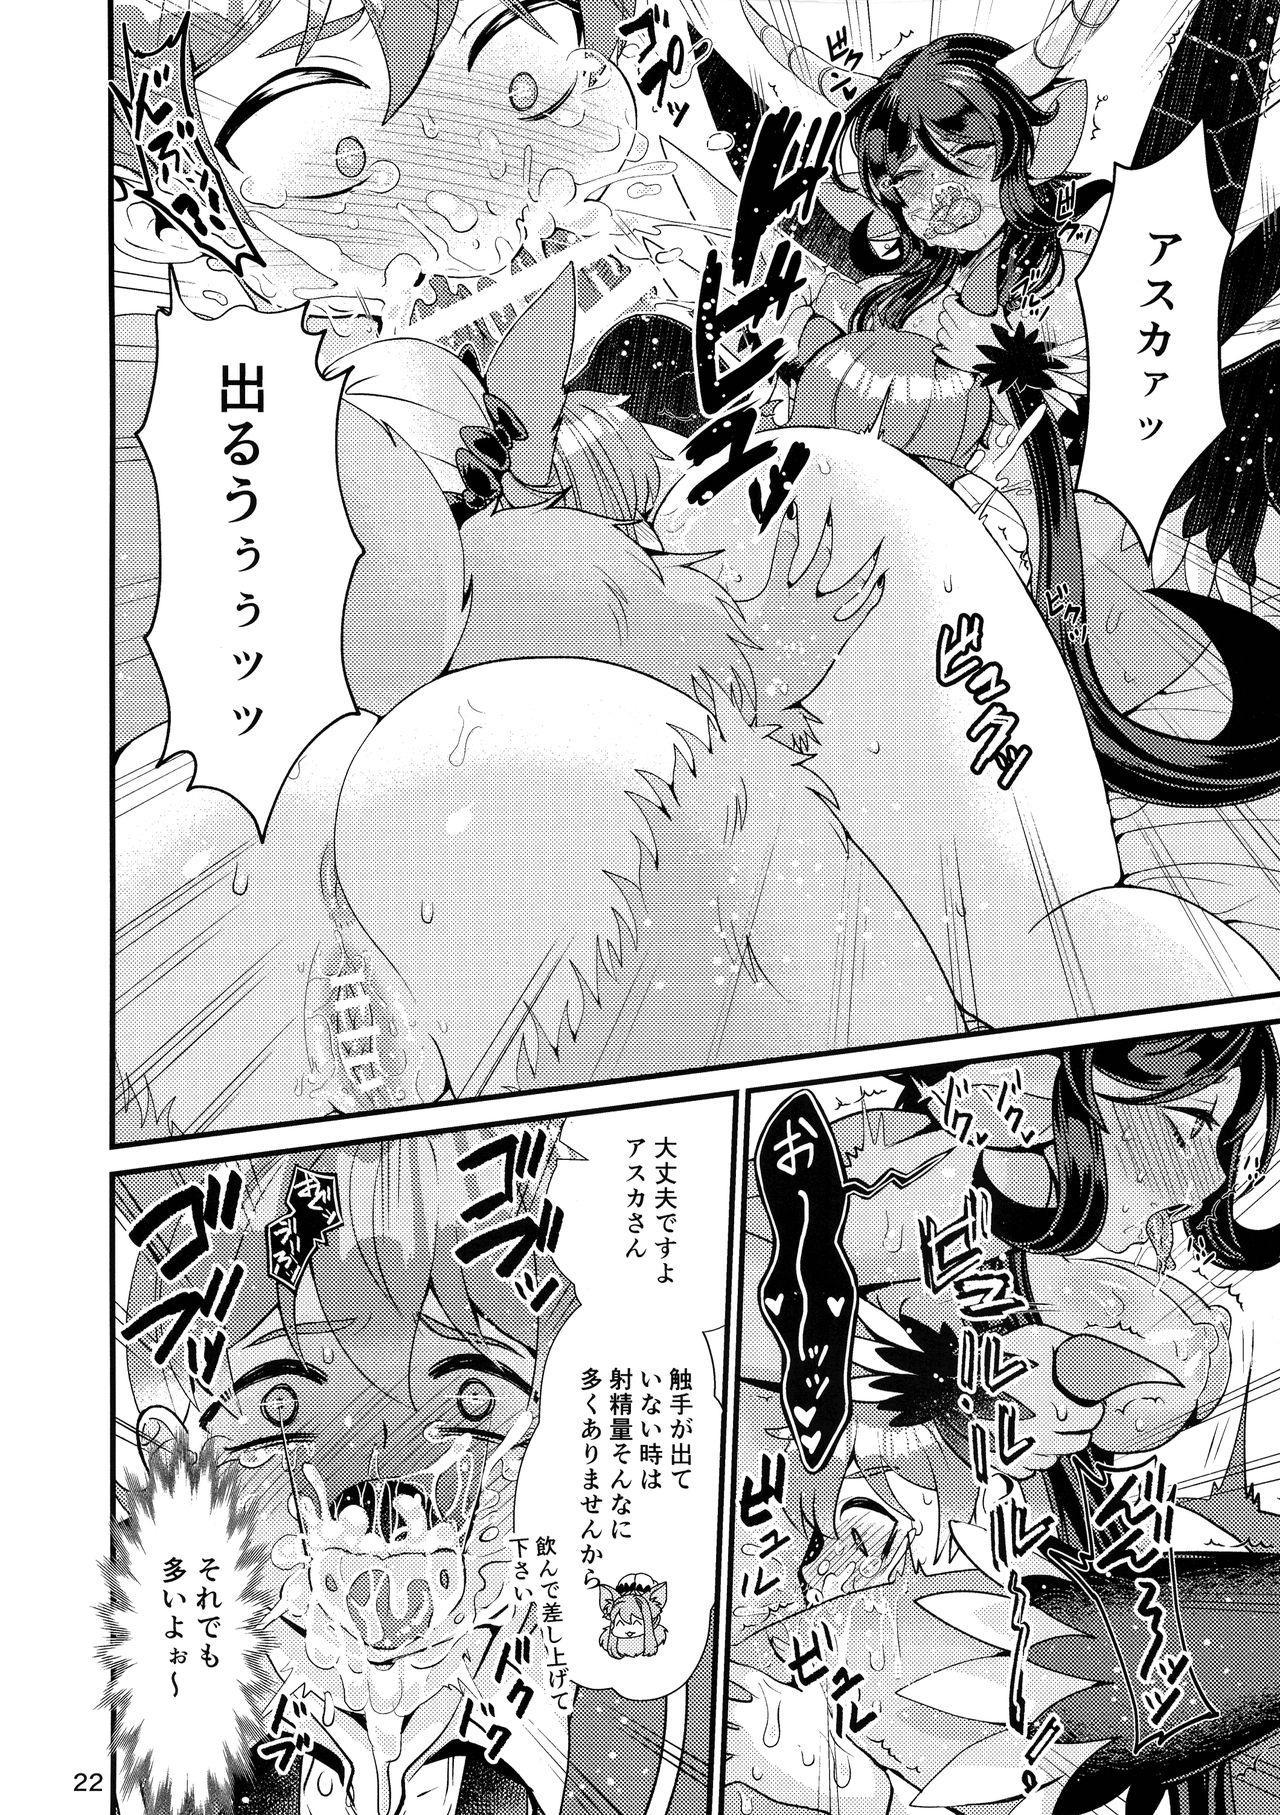 Mazoku Hime Fleur no Hatsujouki 3 20